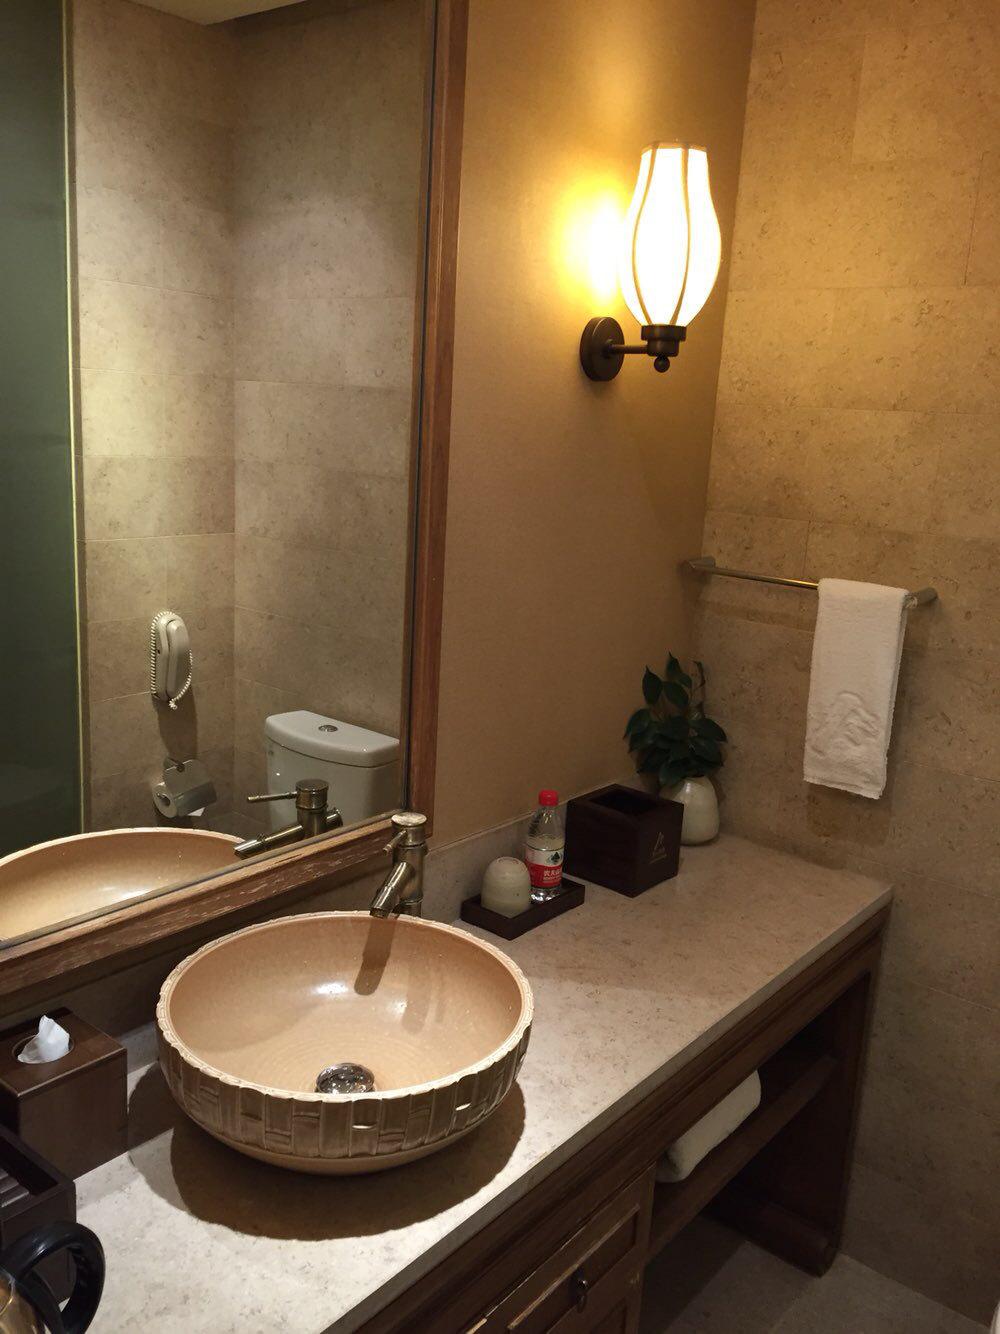 厕所 家居 设计 卫生间 卫生间装修 装修 1000_1334 竖版 竖屏